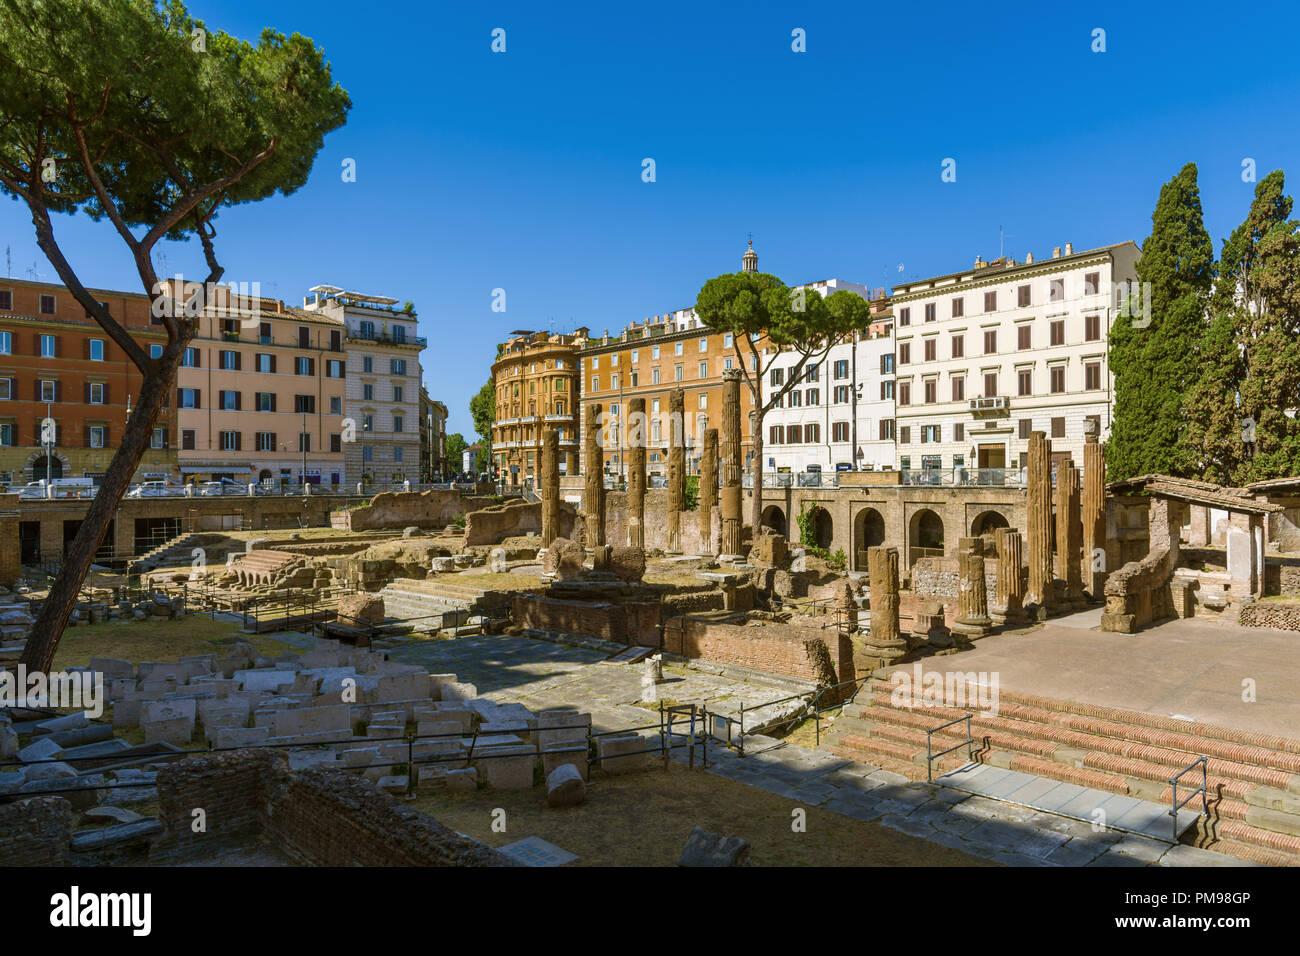 Largo di Torre Argentina, Roma, Italia Foto de stock